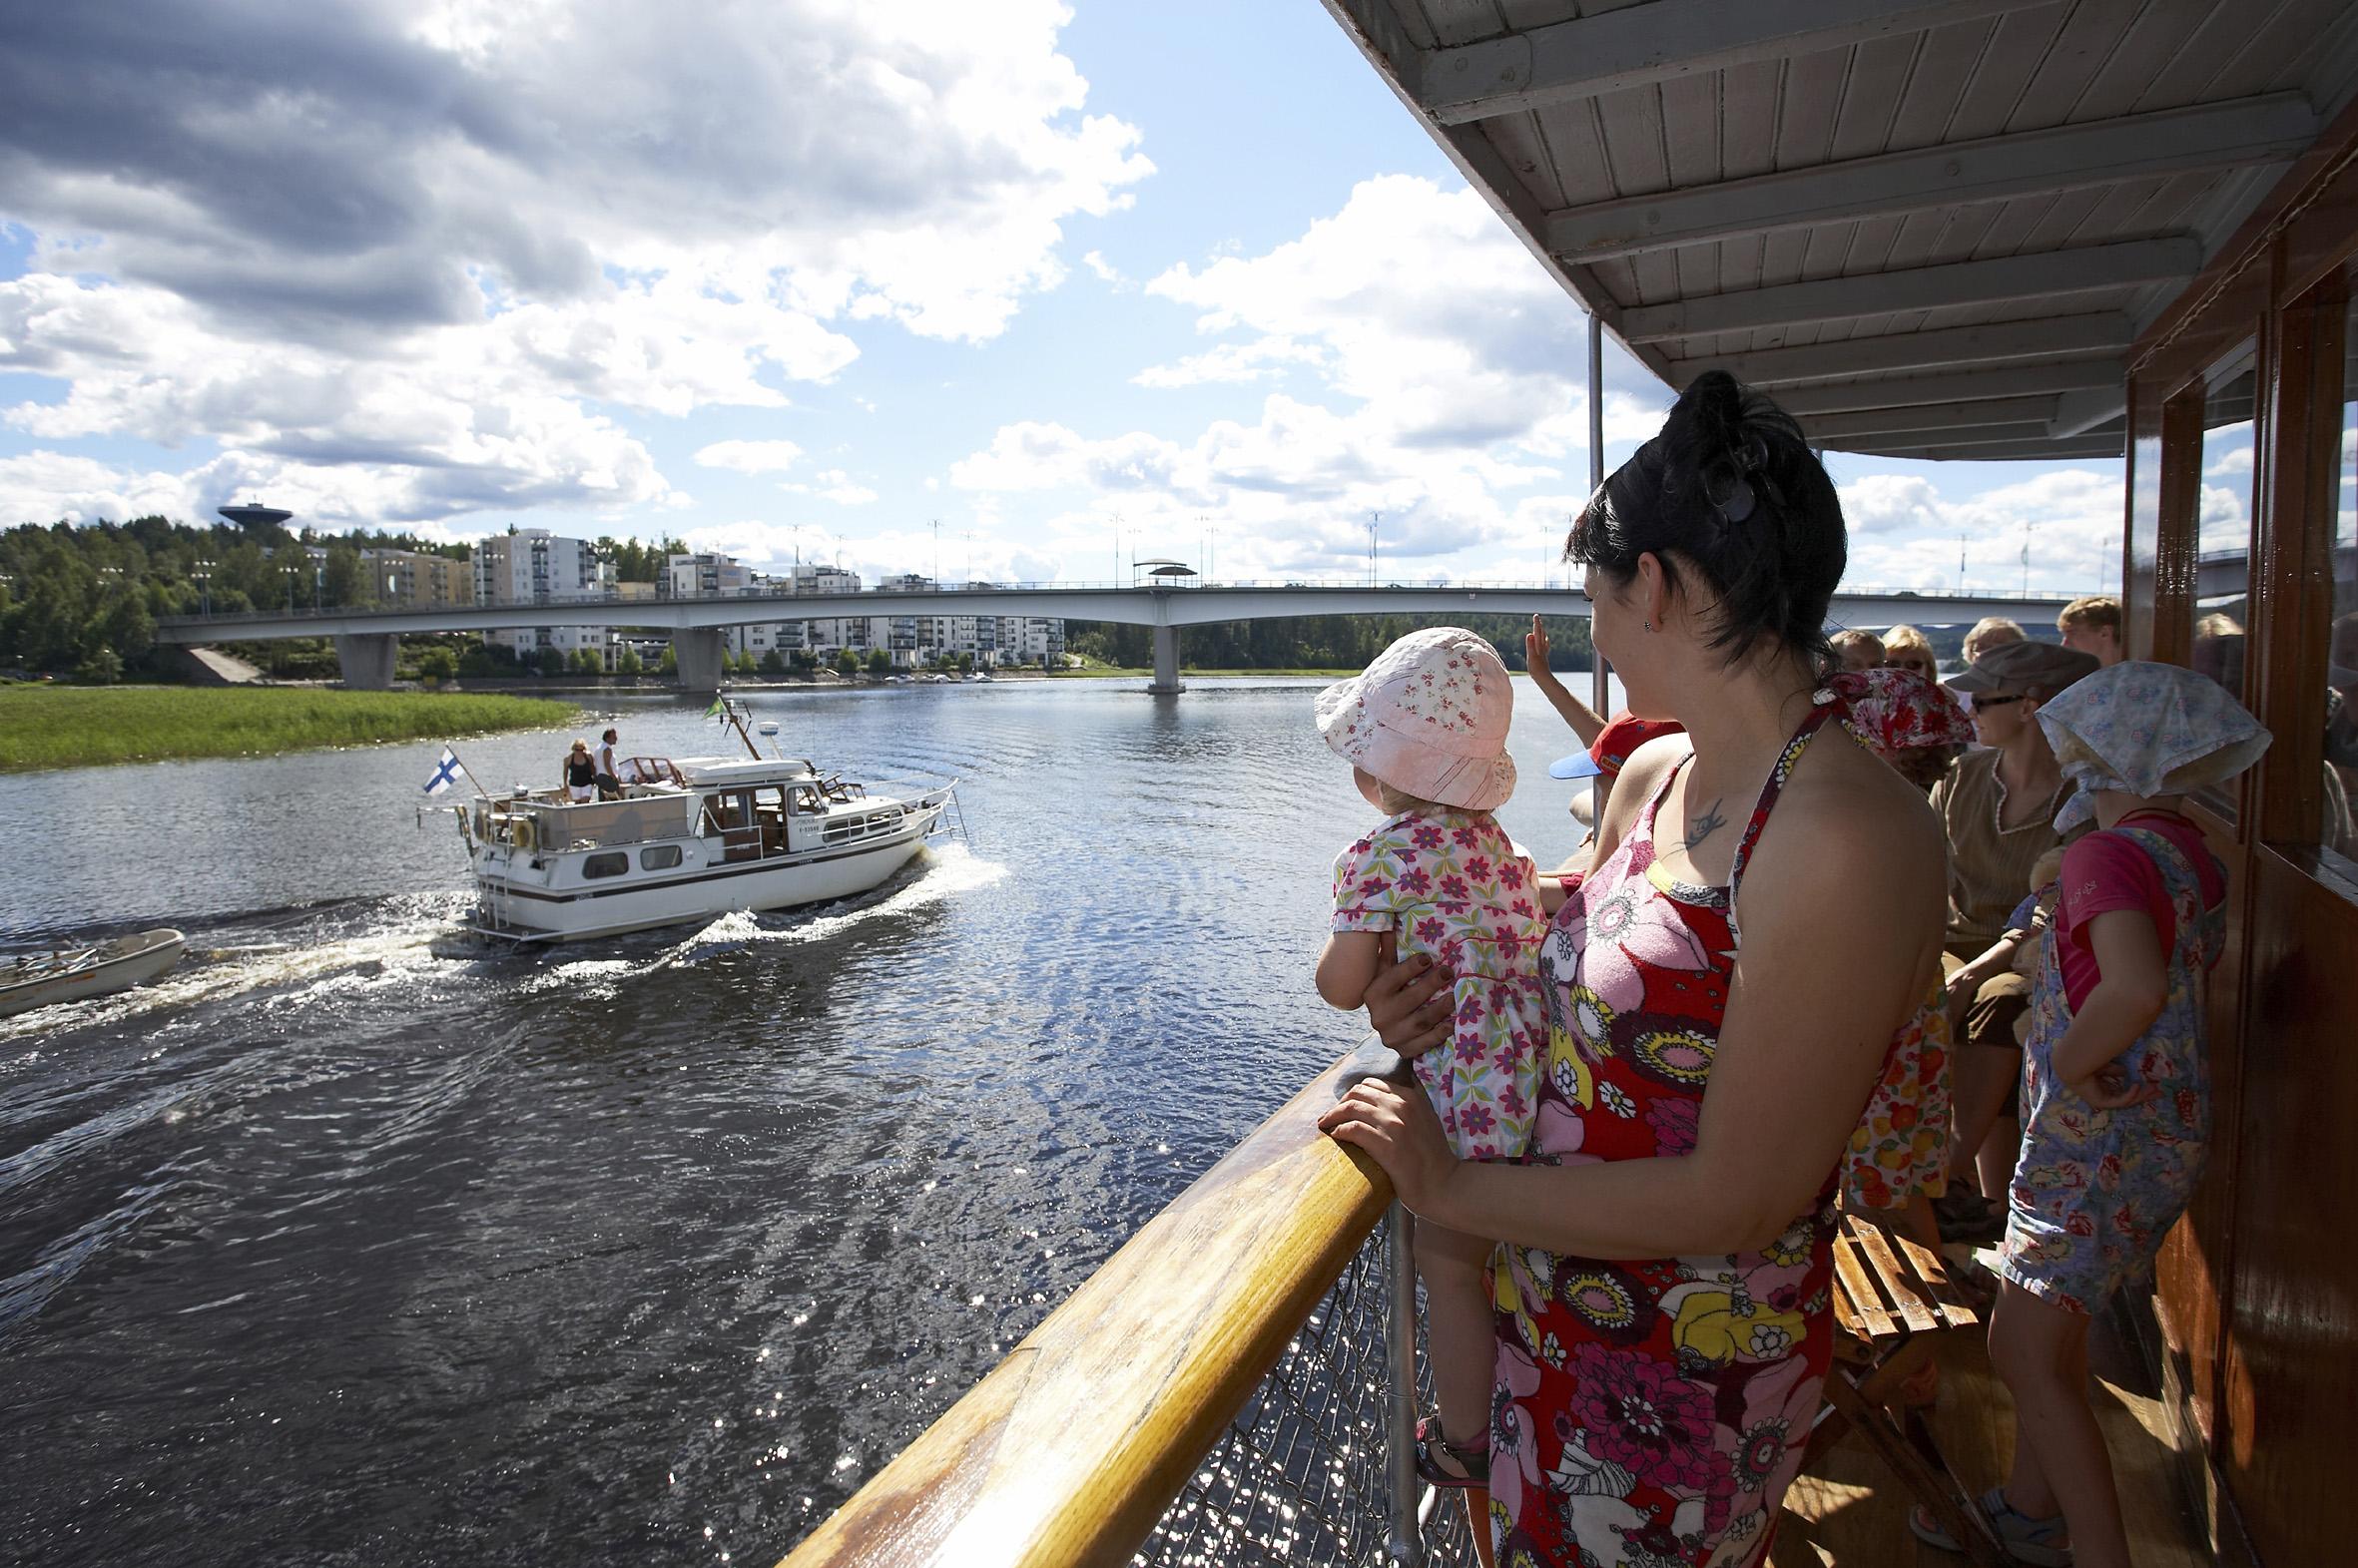 Höyrylaiva s/s Suomi jättää Jyväskylän sekä Kuokkalan sillan taakseen ja suuntaa Päijänteelle. Risteily on  mukava tapa katsellä järvimaisemaa lasten kanssa.